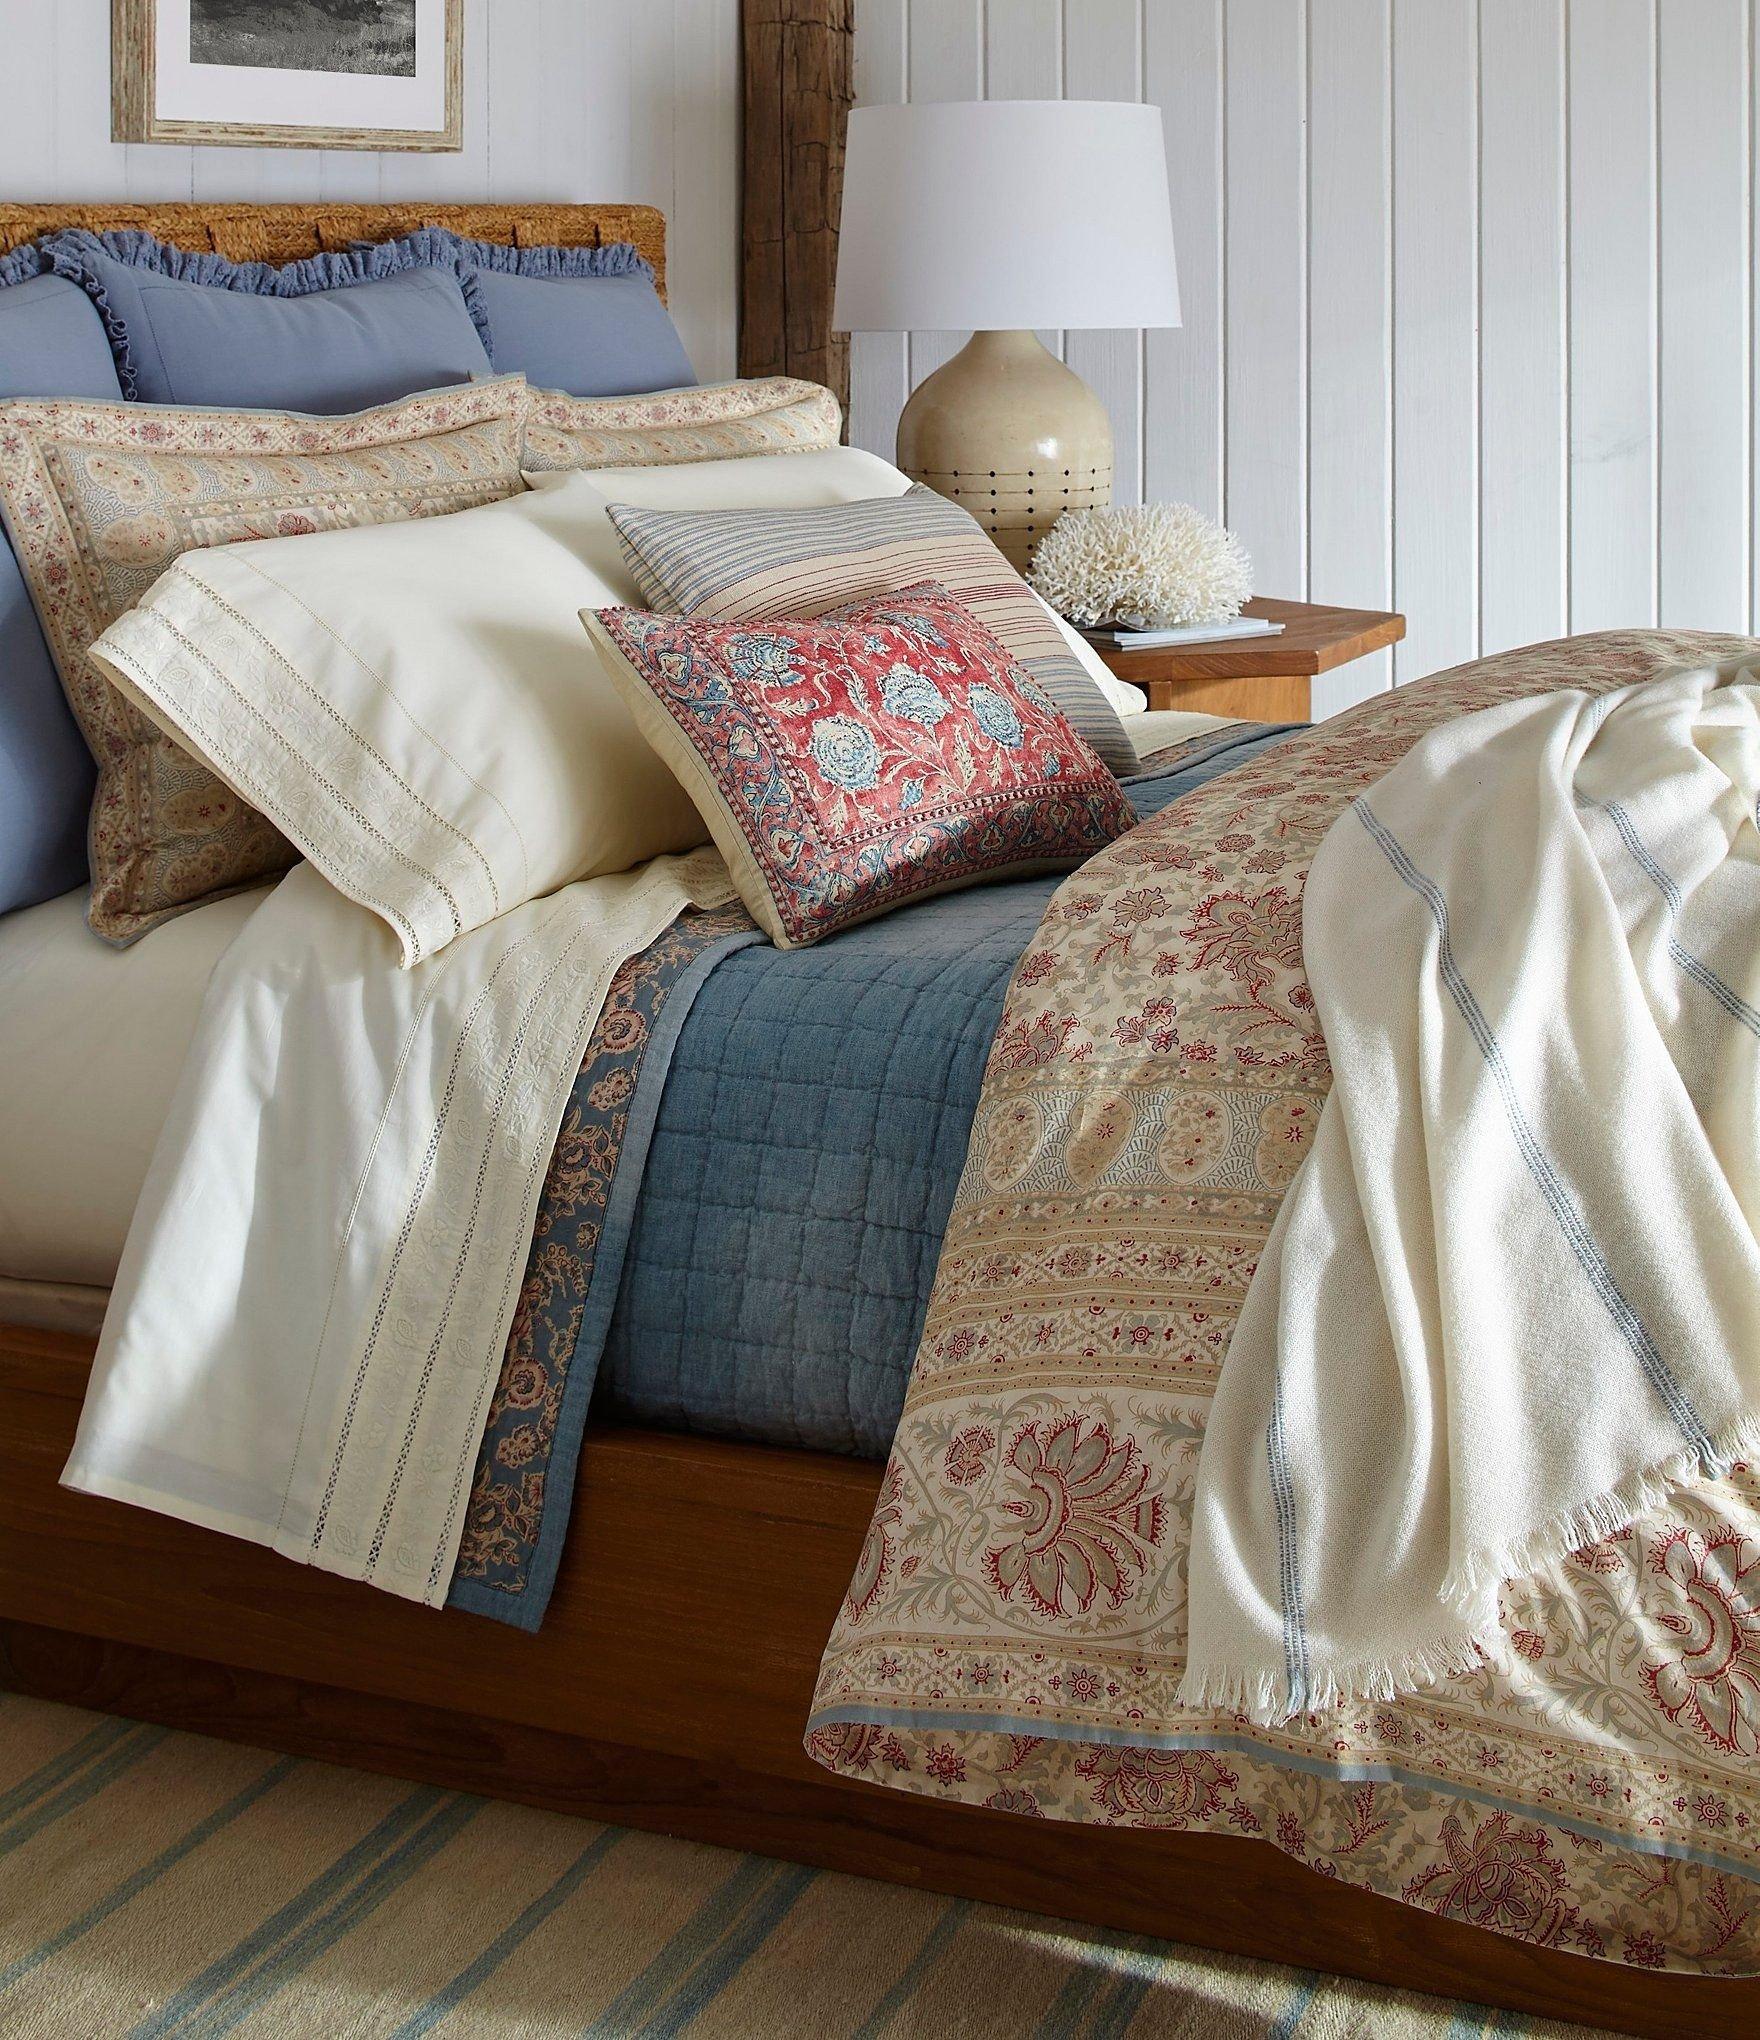 Ralph Lauren Bedroom Furniture New Ralph Lauren Half Moon Bay Phoebe forter